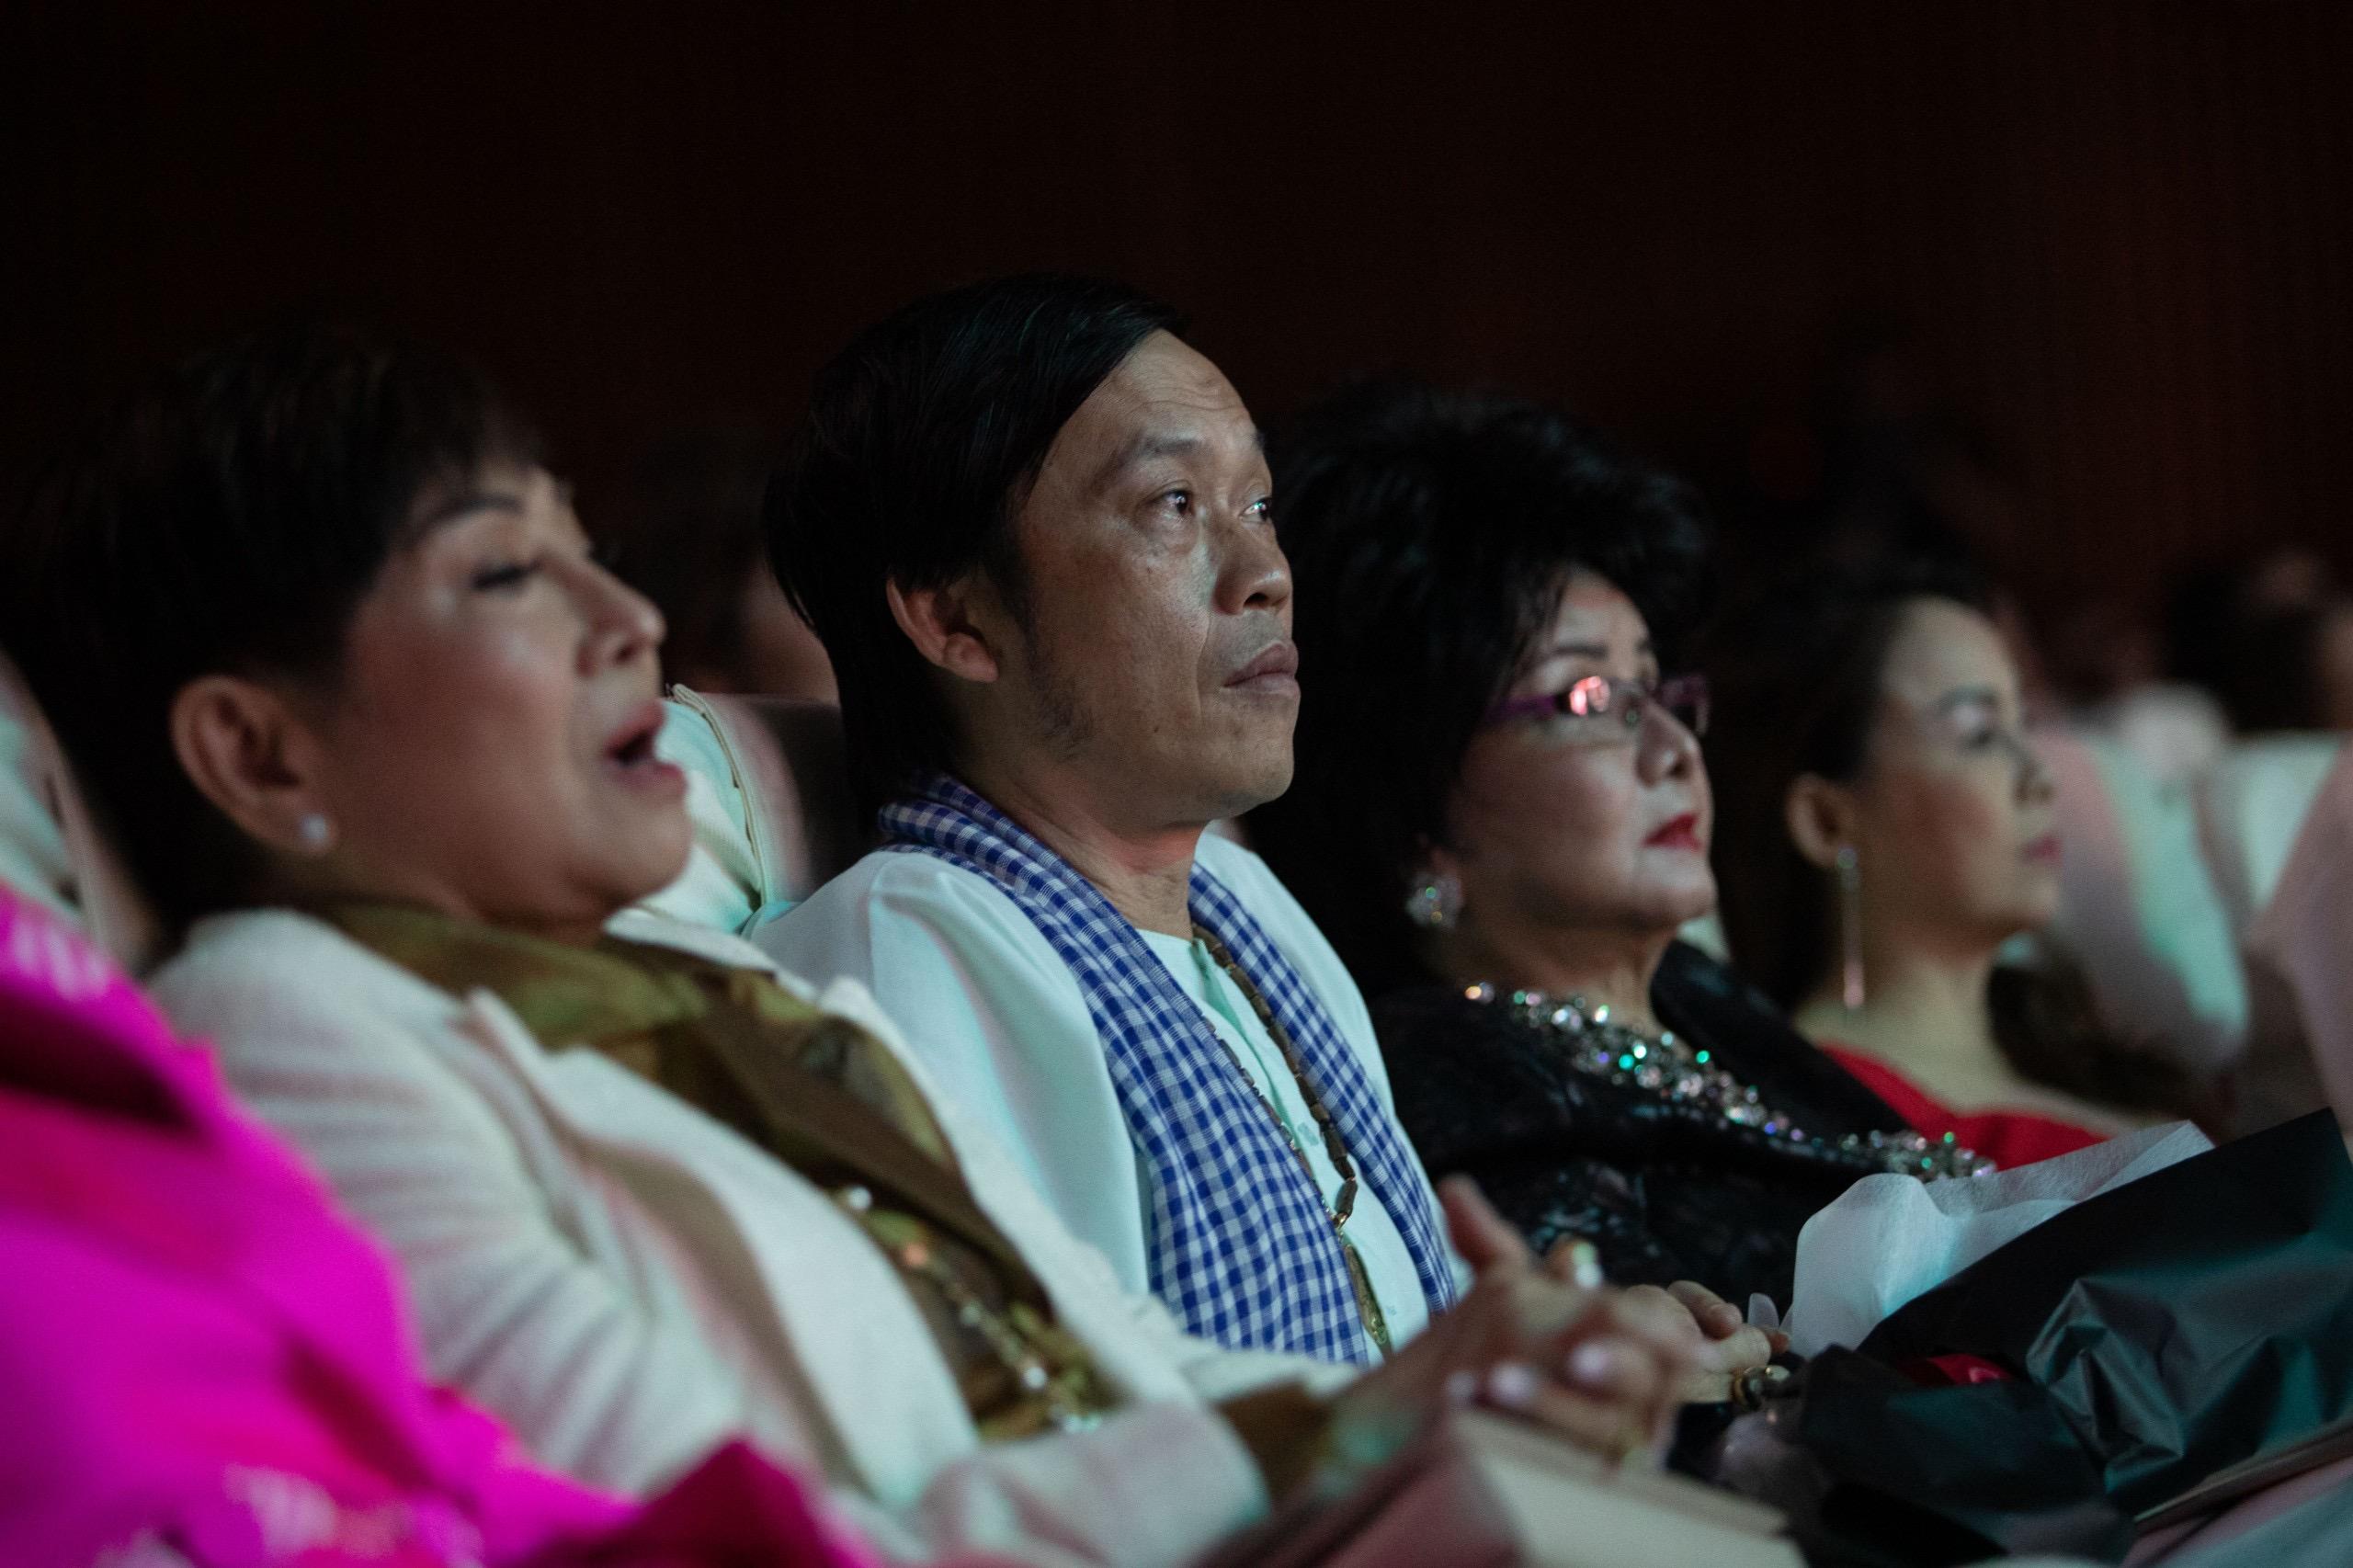 Hoài Linh, Tuấn Ngọc, Trấn Thành cùng dàn sao hết mình ủng hộ Lệ Quyên trong Q show kỉ niệm 20 năm ca hát